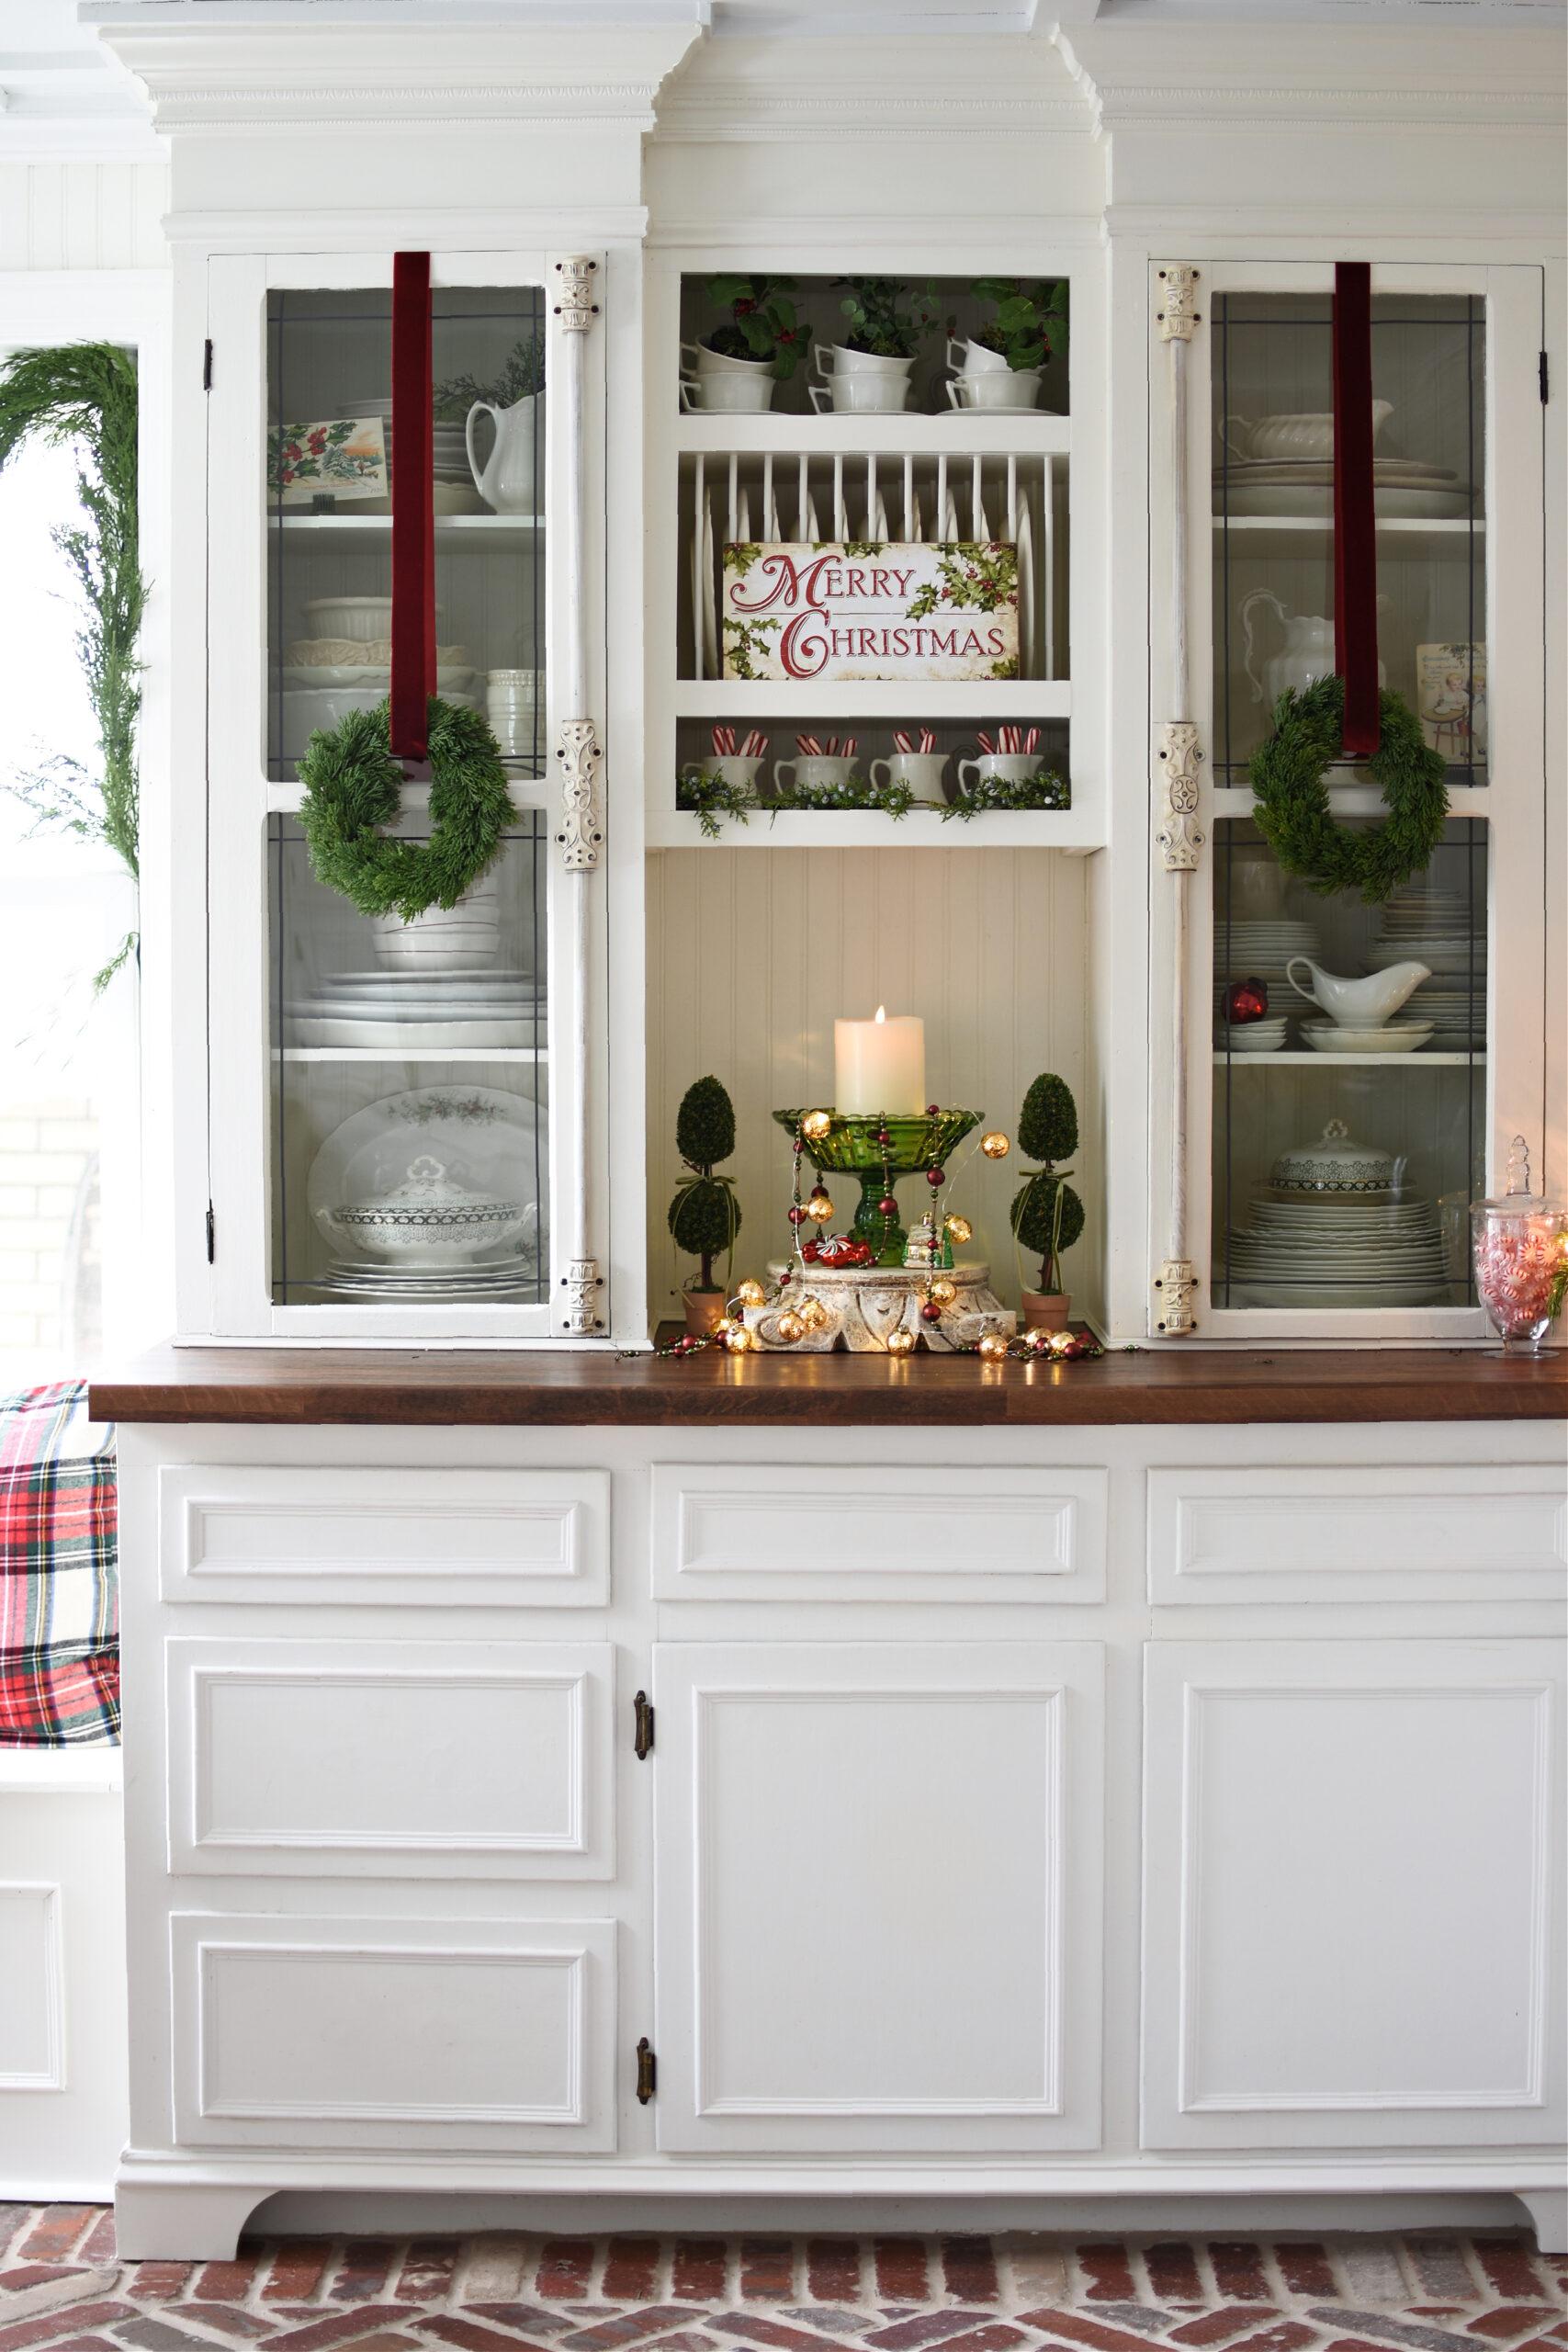 Beautiful Christmas kitchen with herringbone brick floors